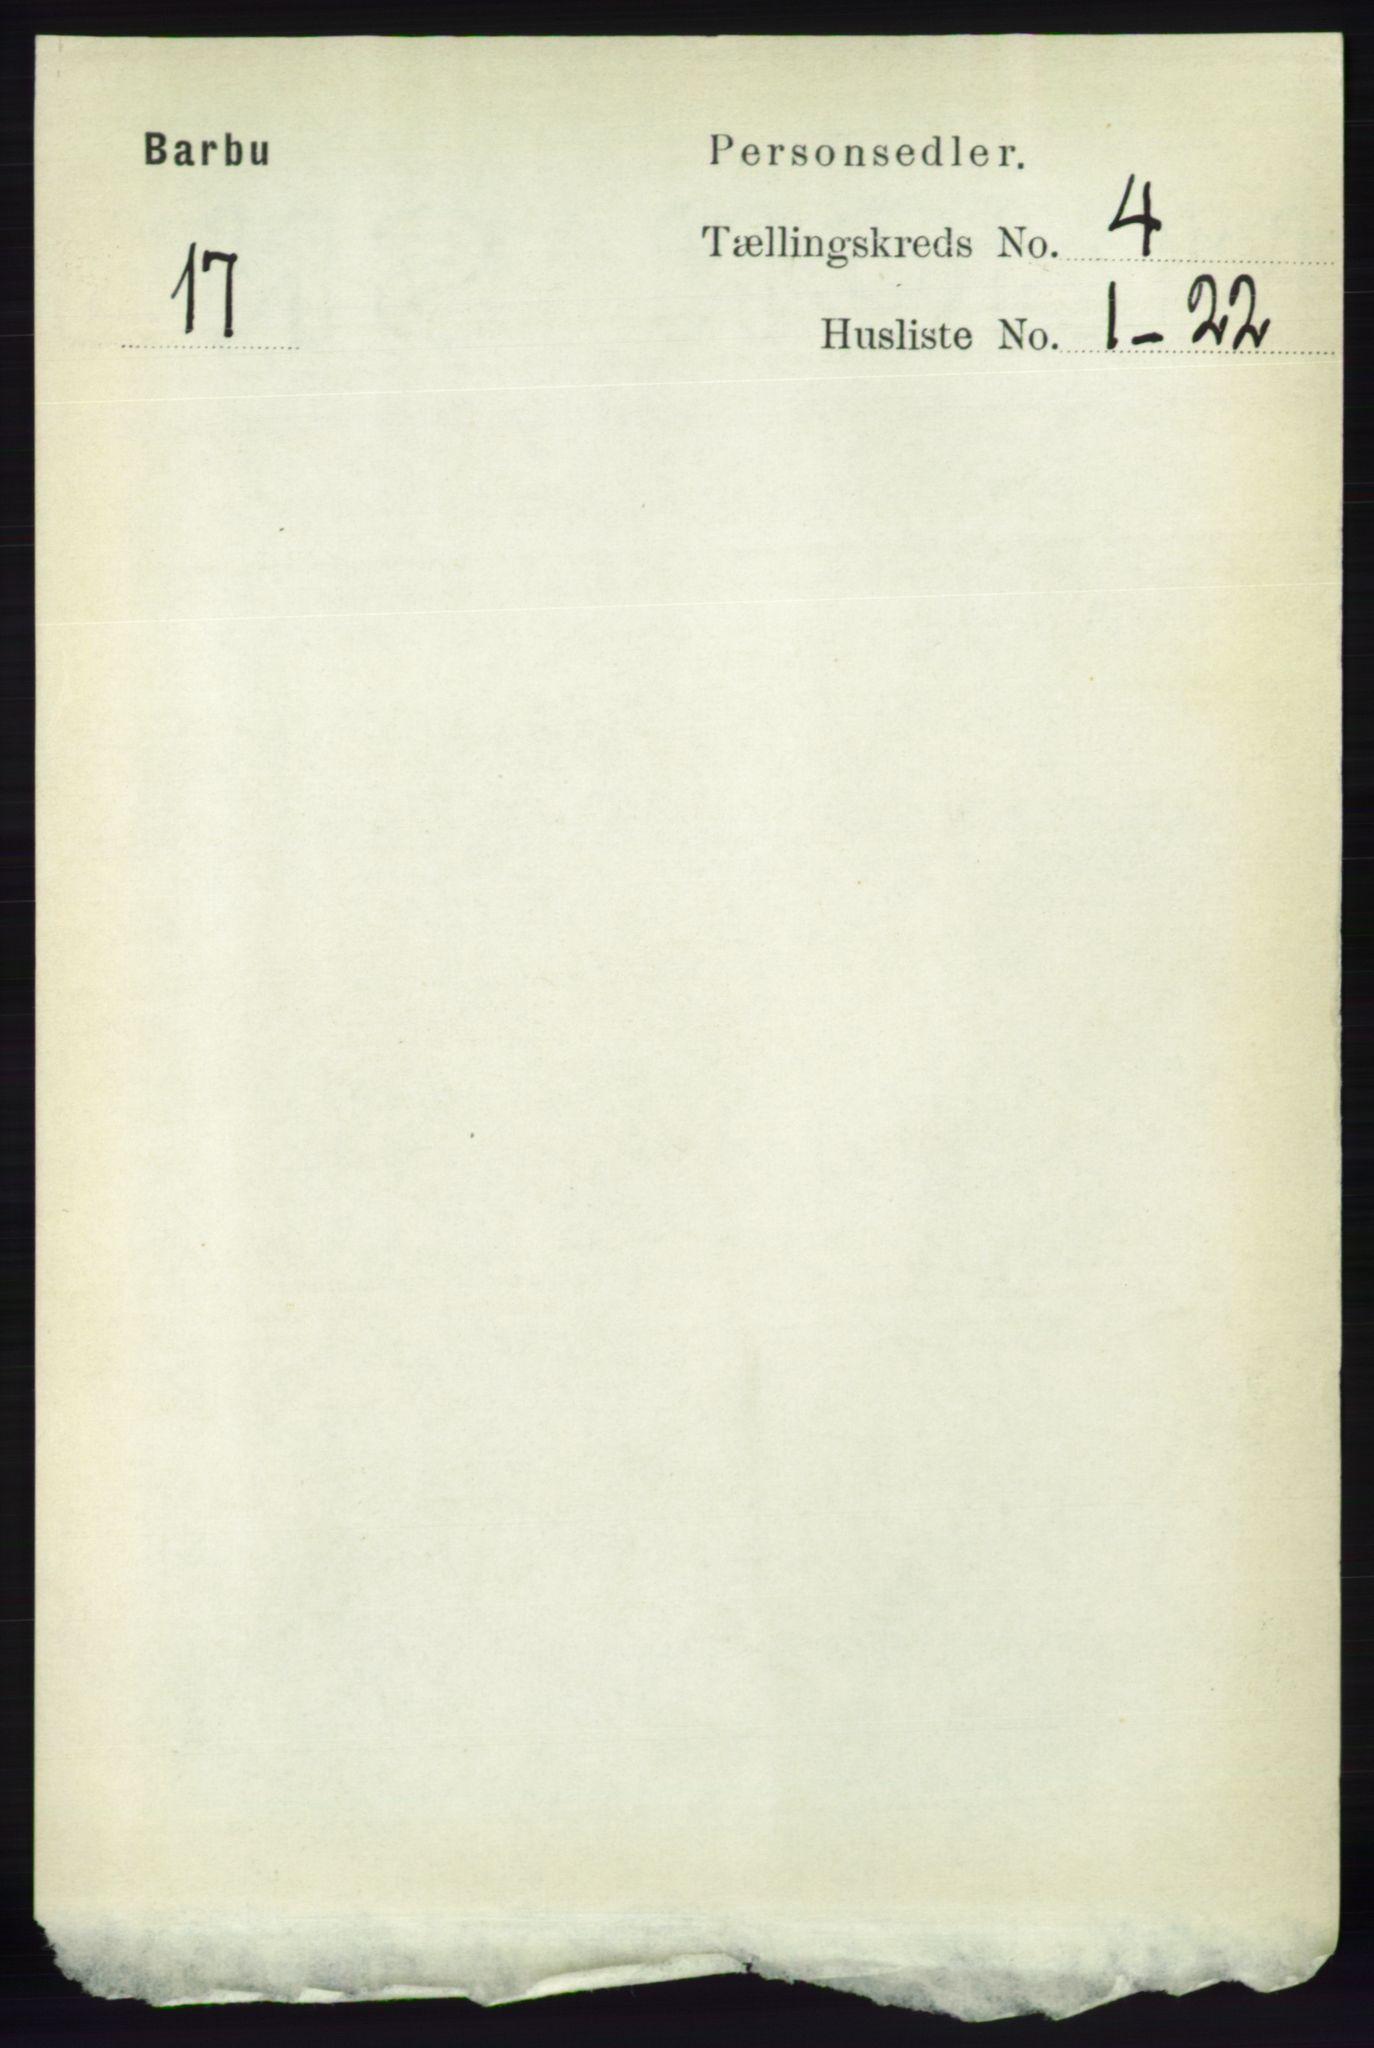 RA, Folketelling 1891 for 0990 Barbu herred, 1891, s. 2440